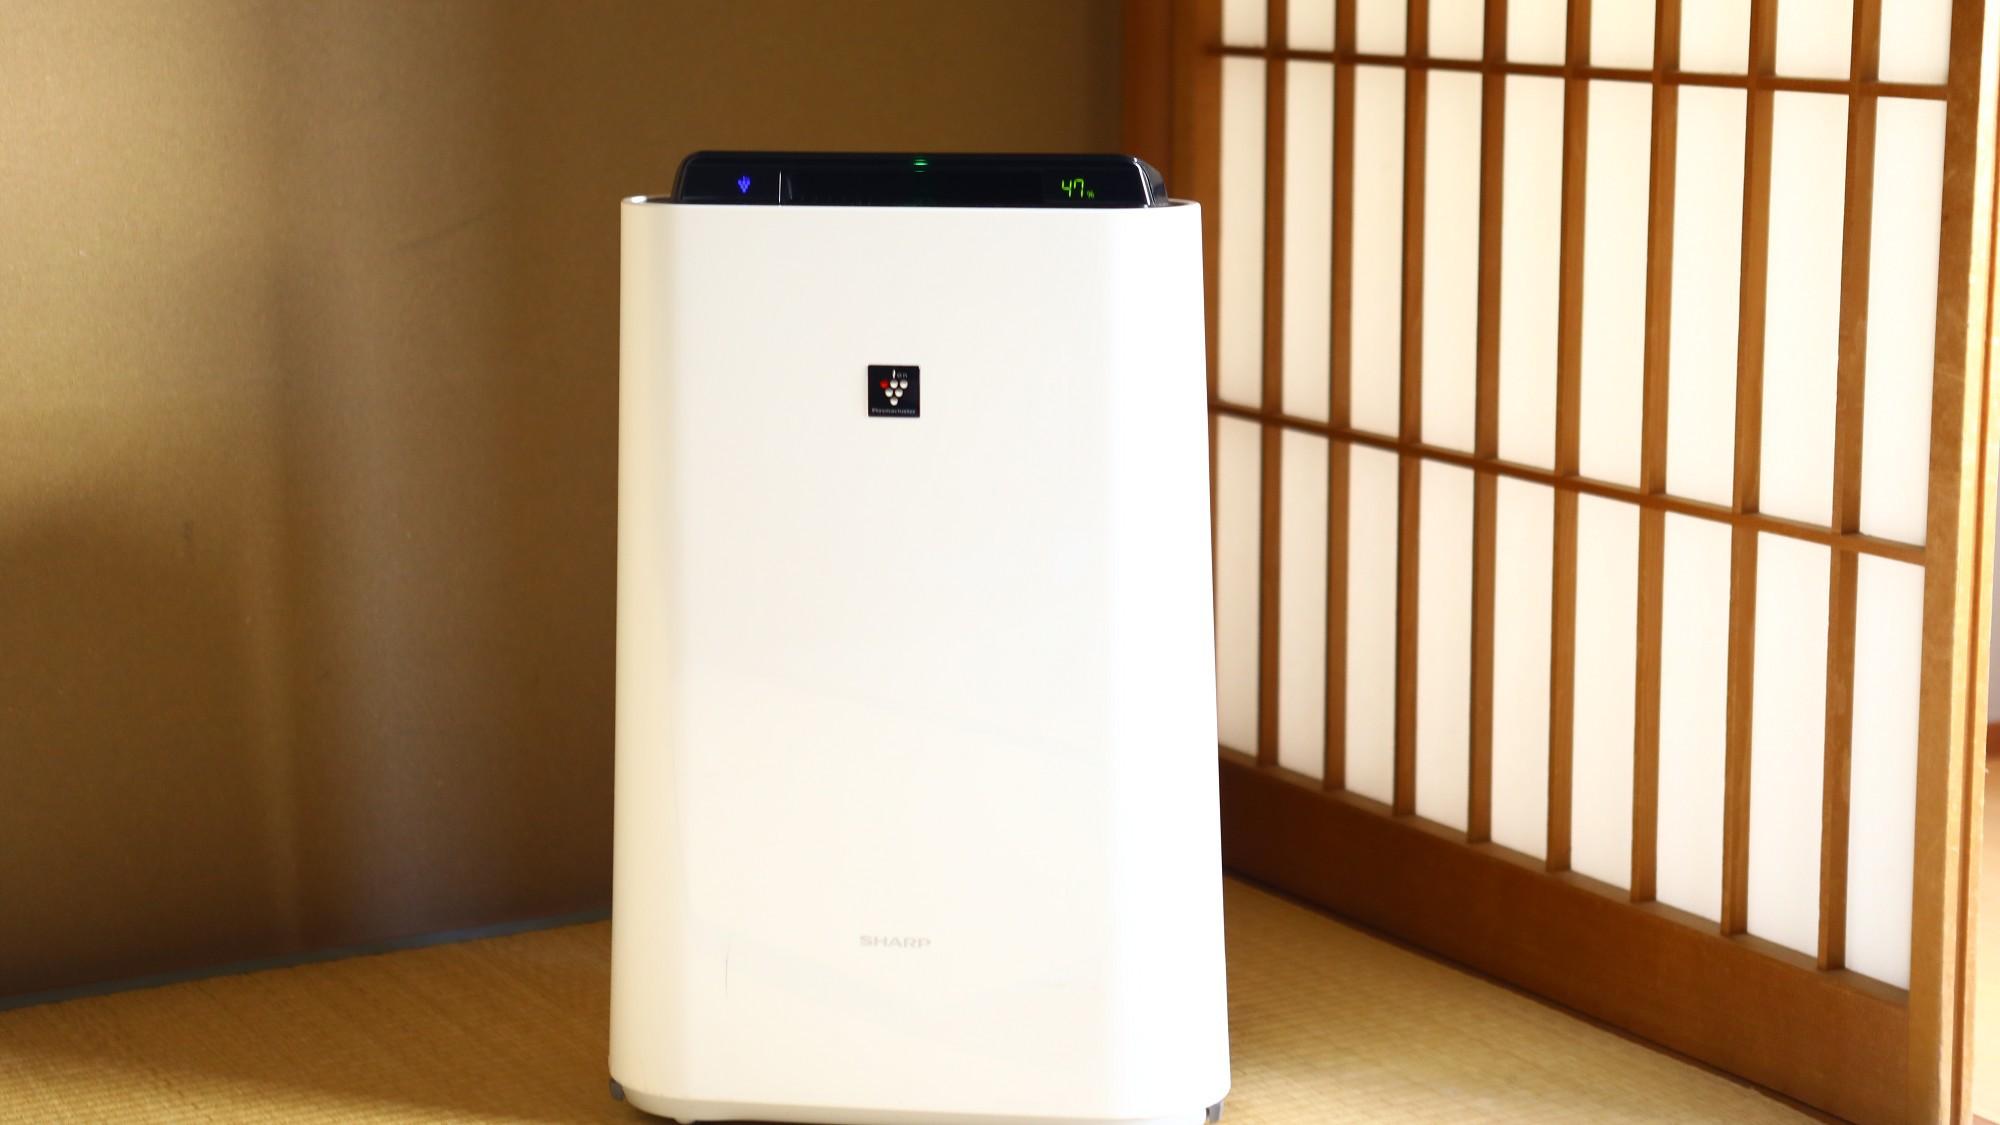 ◇加湿機能付き空気清浄機。禁煙のお部屋にご用意しております。